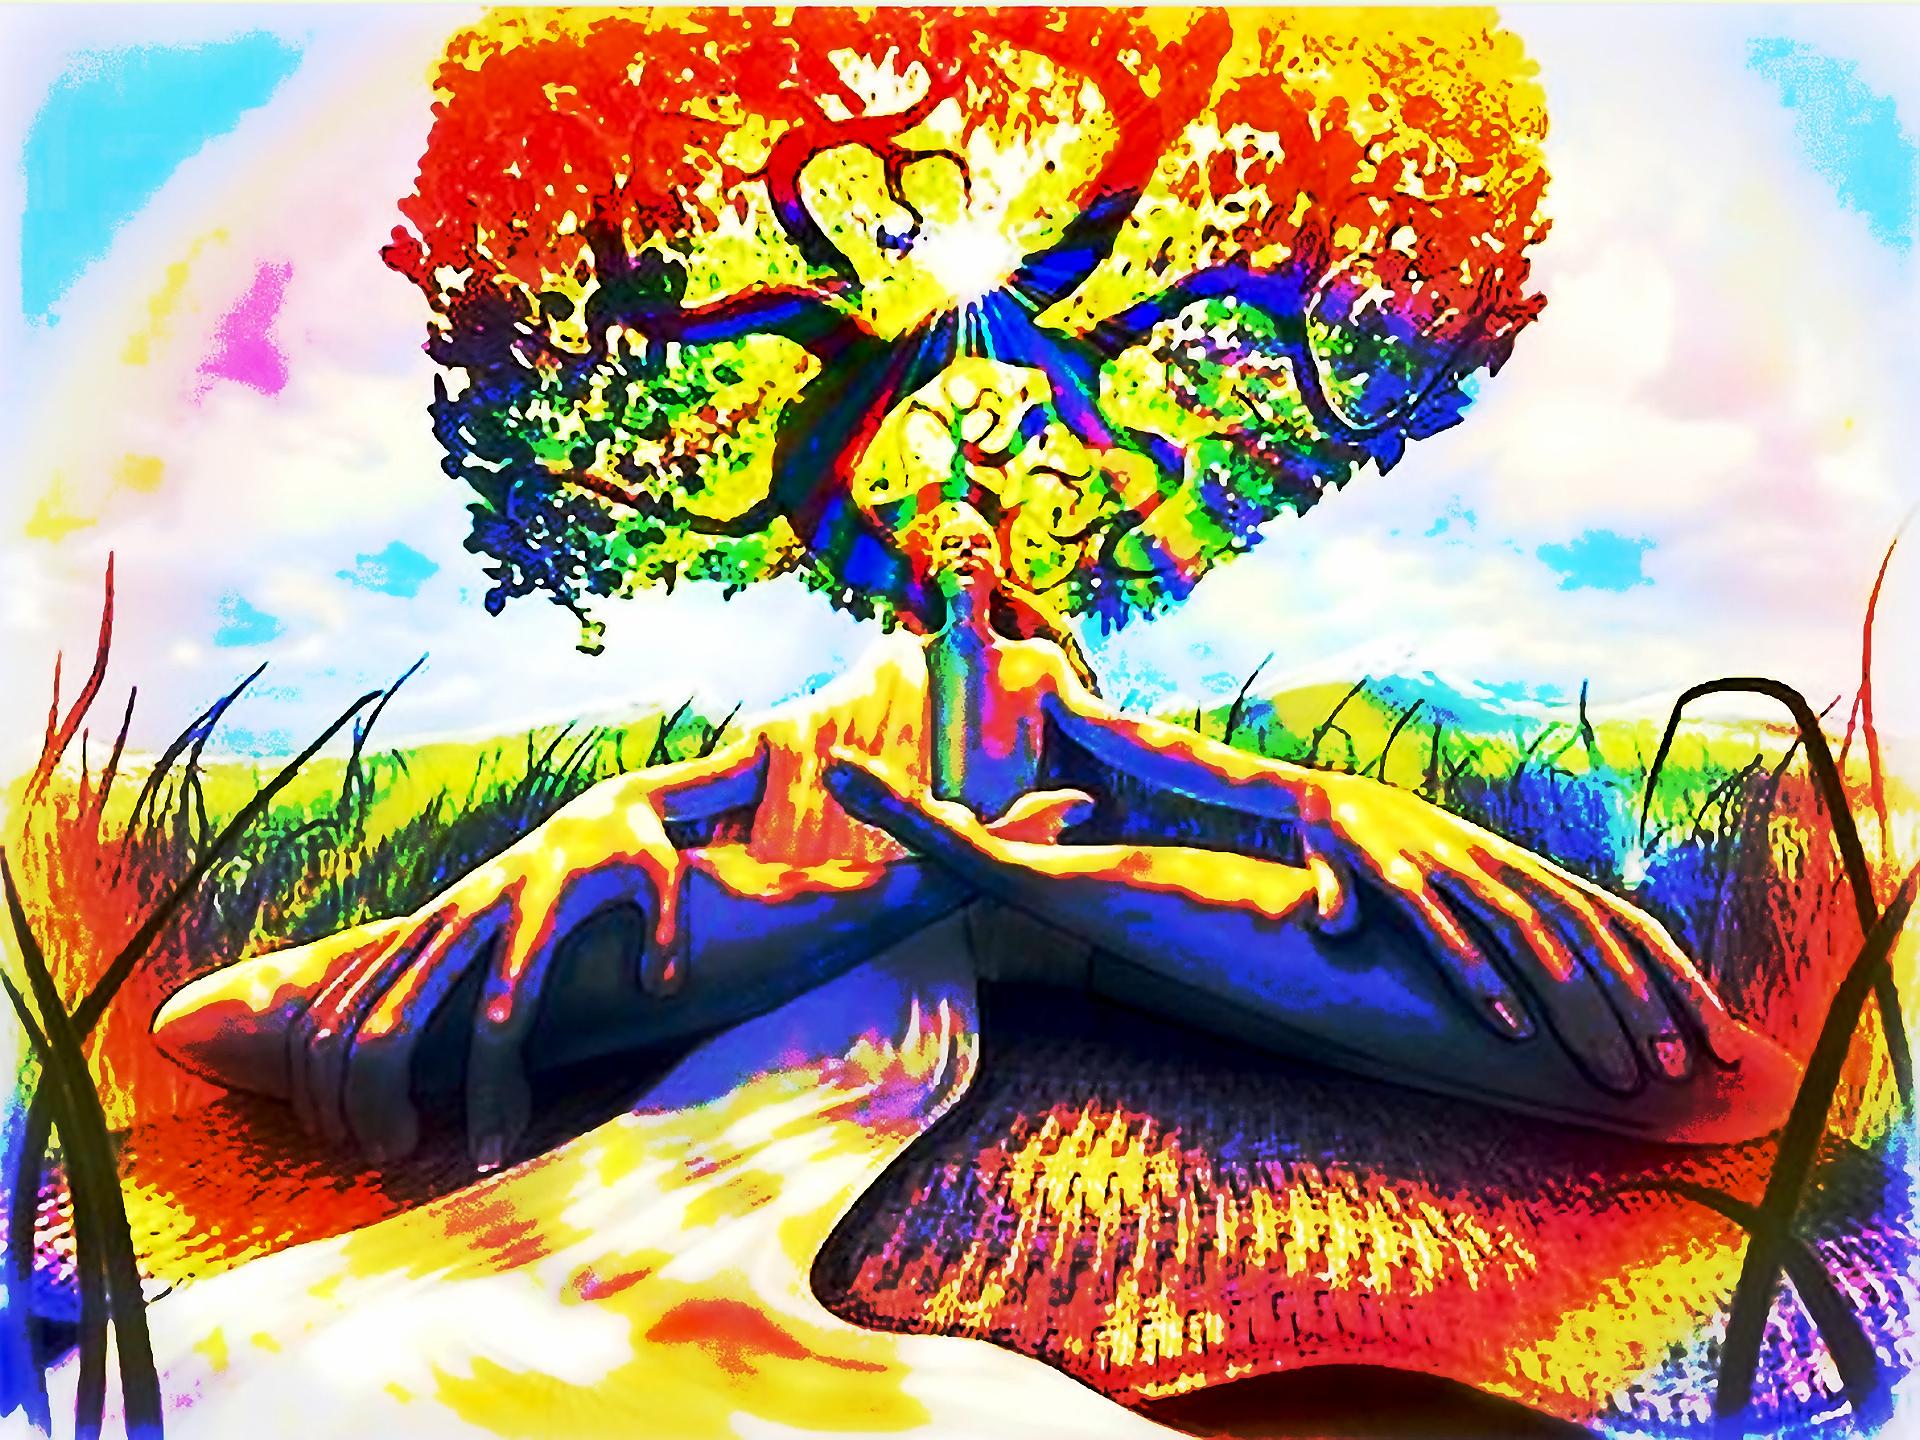 Bestpsychedelicwallpaper 1920x1440